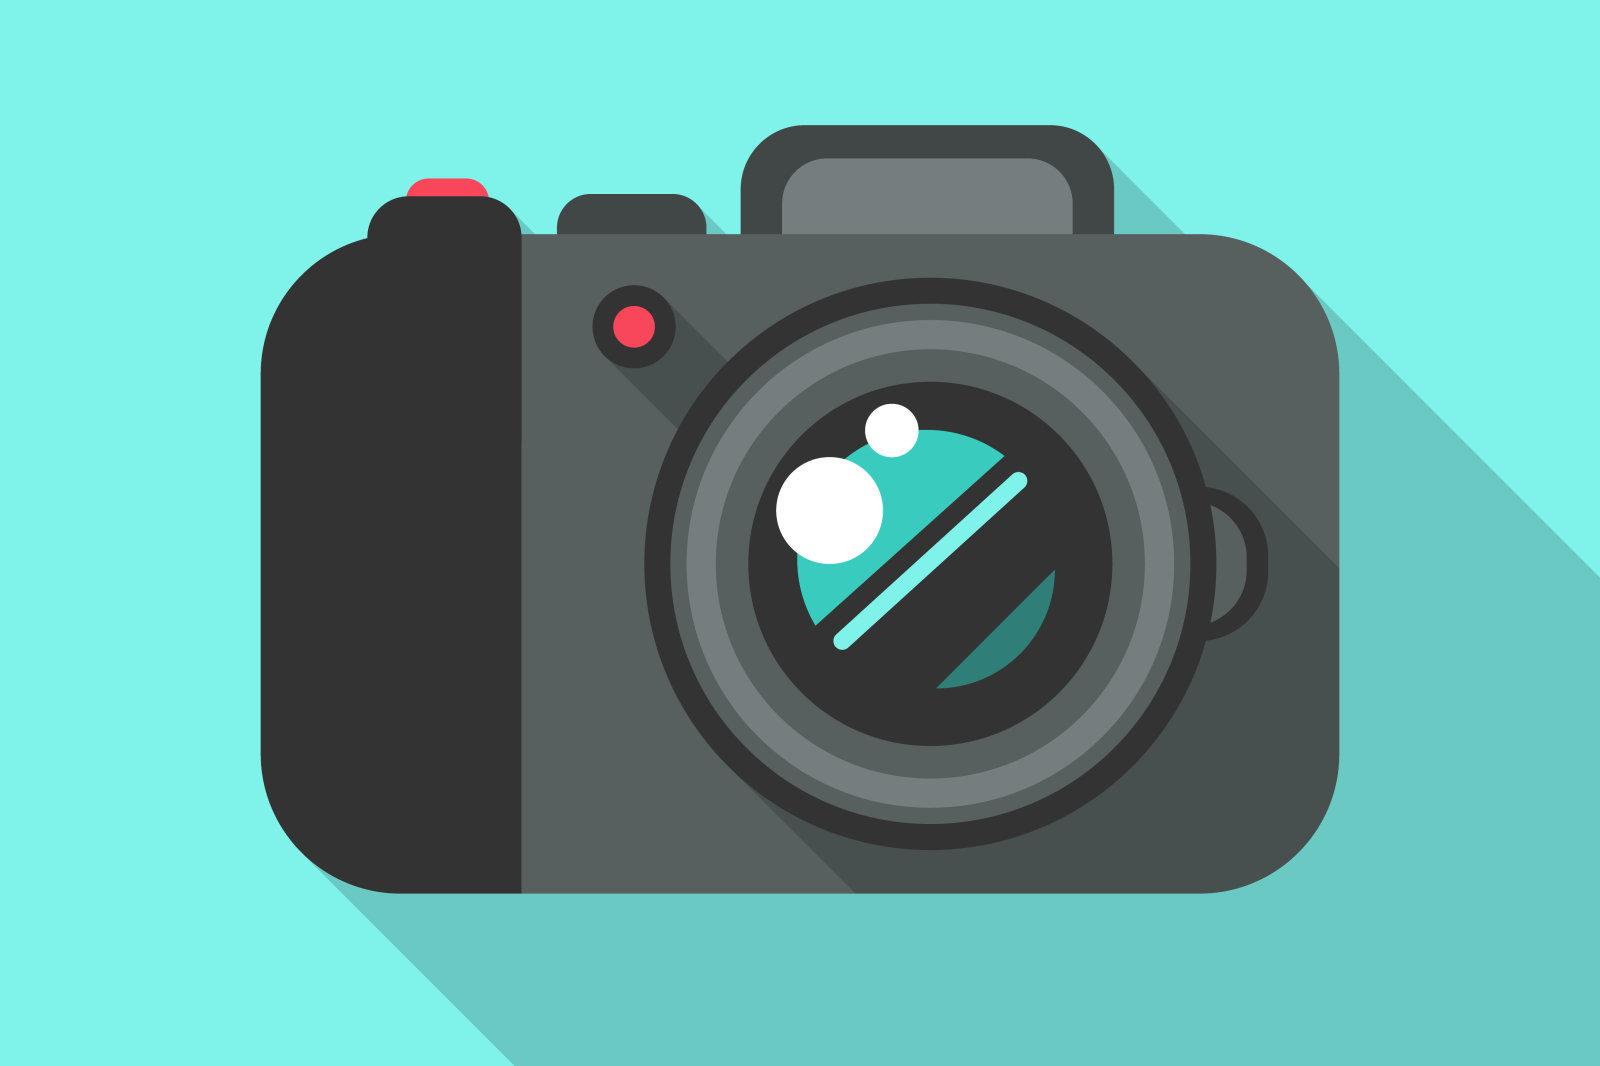 Twitter bude nabízet JPEG fotografie v nejvyšší kvalitě